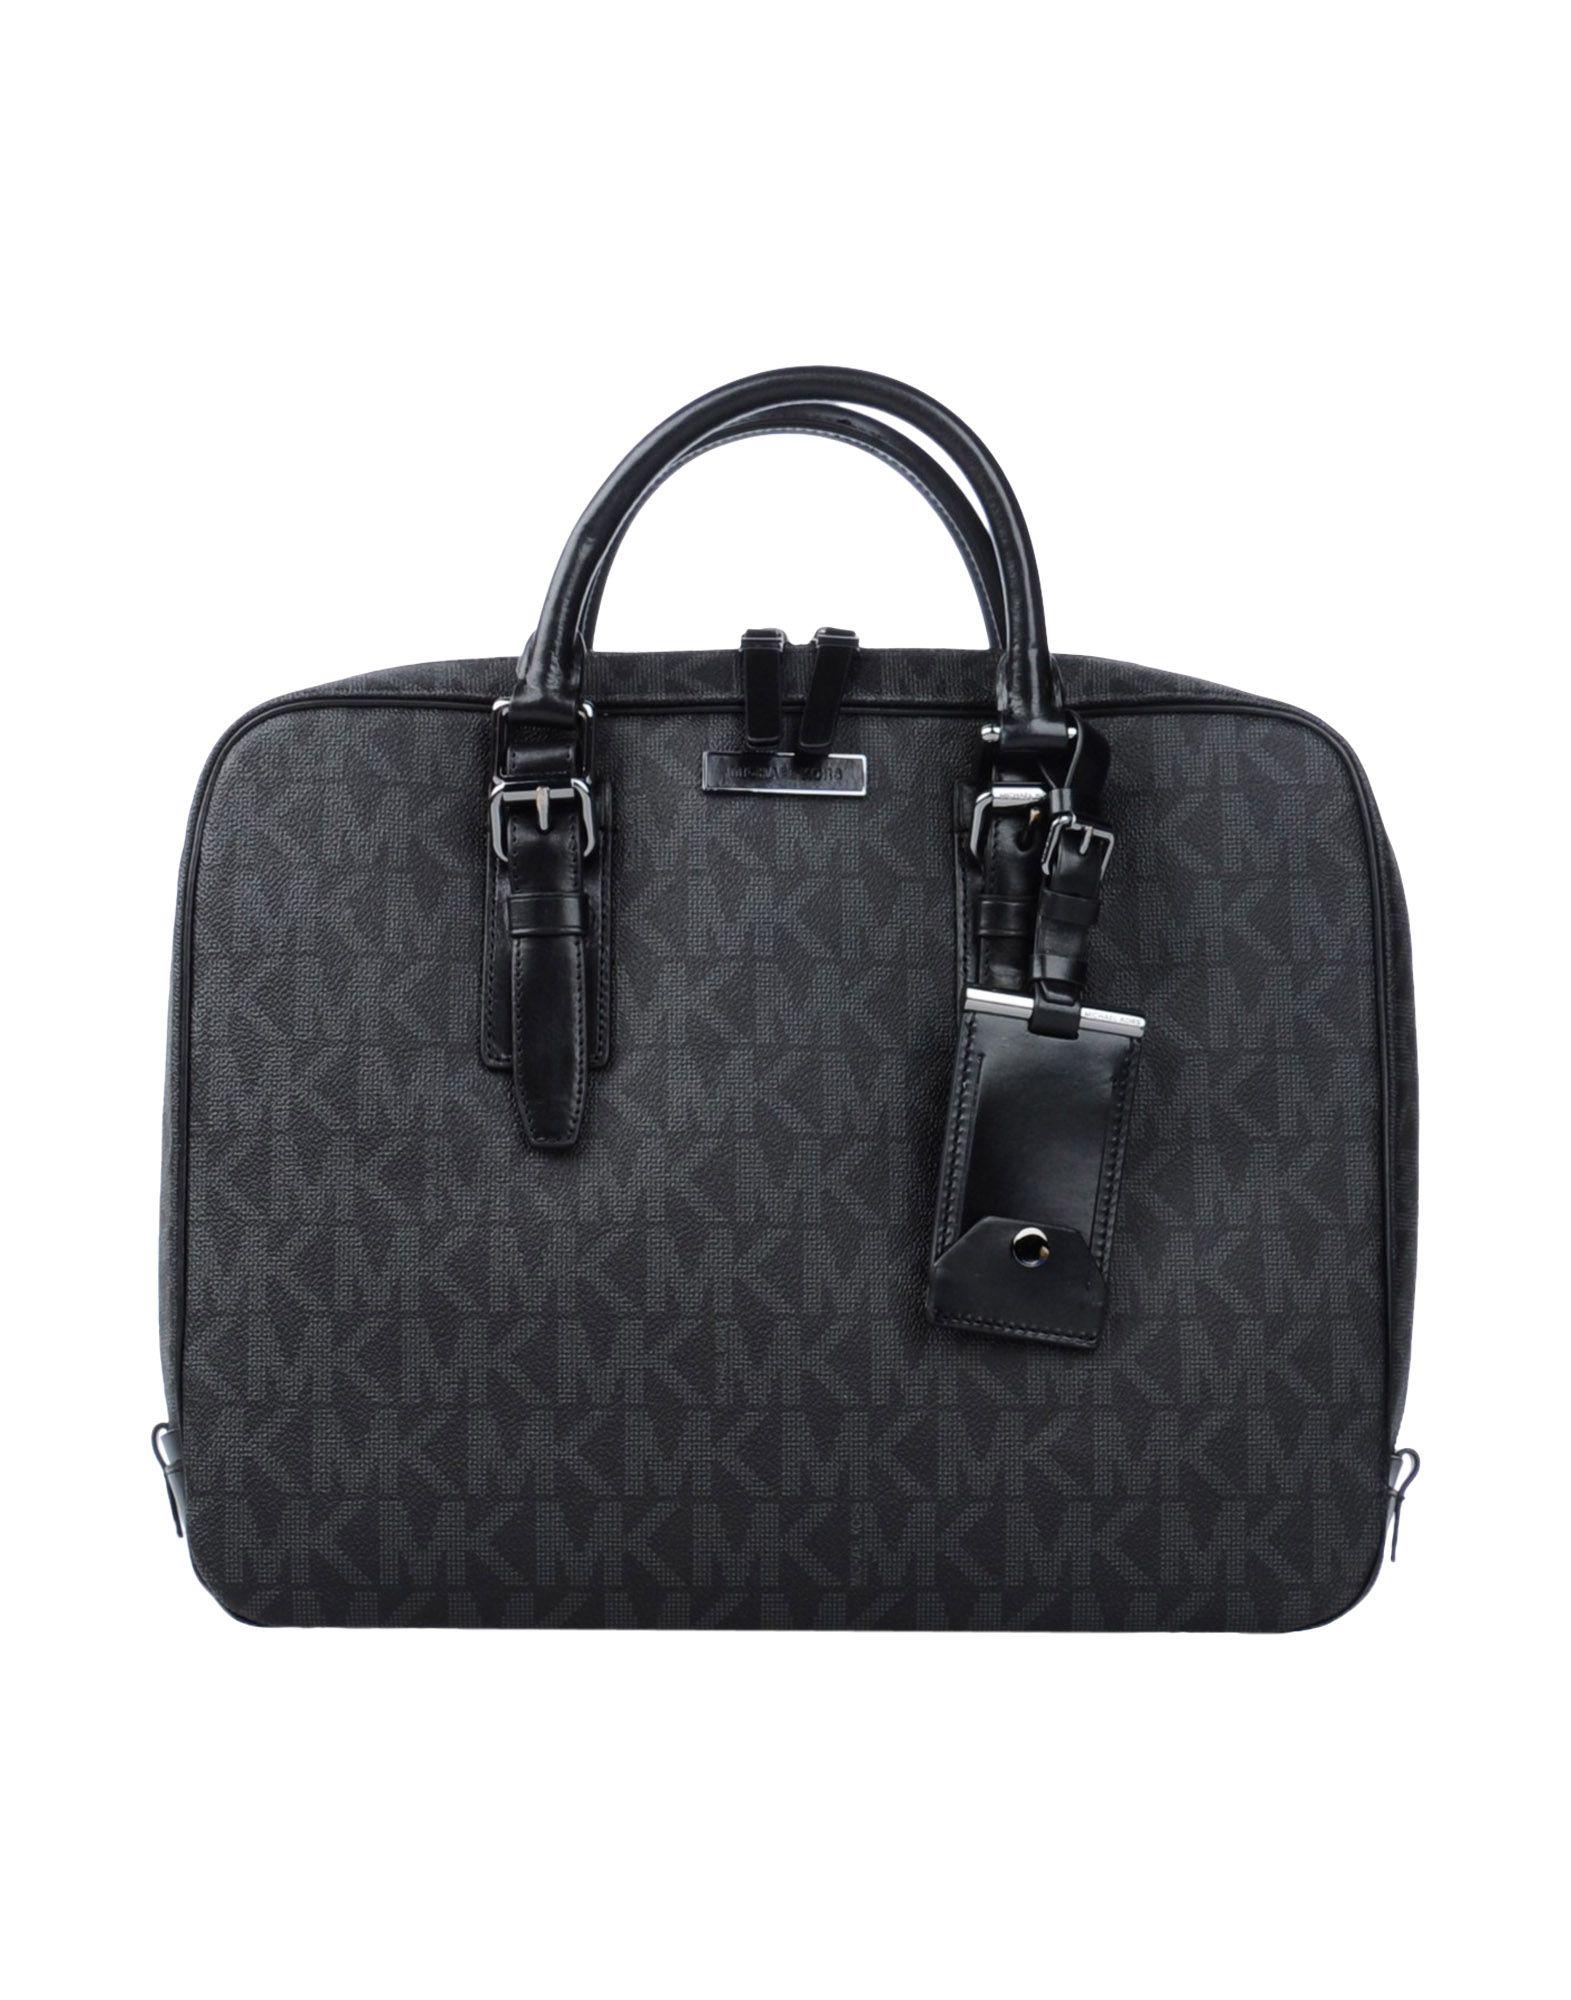 michael kors handbag in black lyst. Black Bedroom Furniture Sets. Home Design Ideas